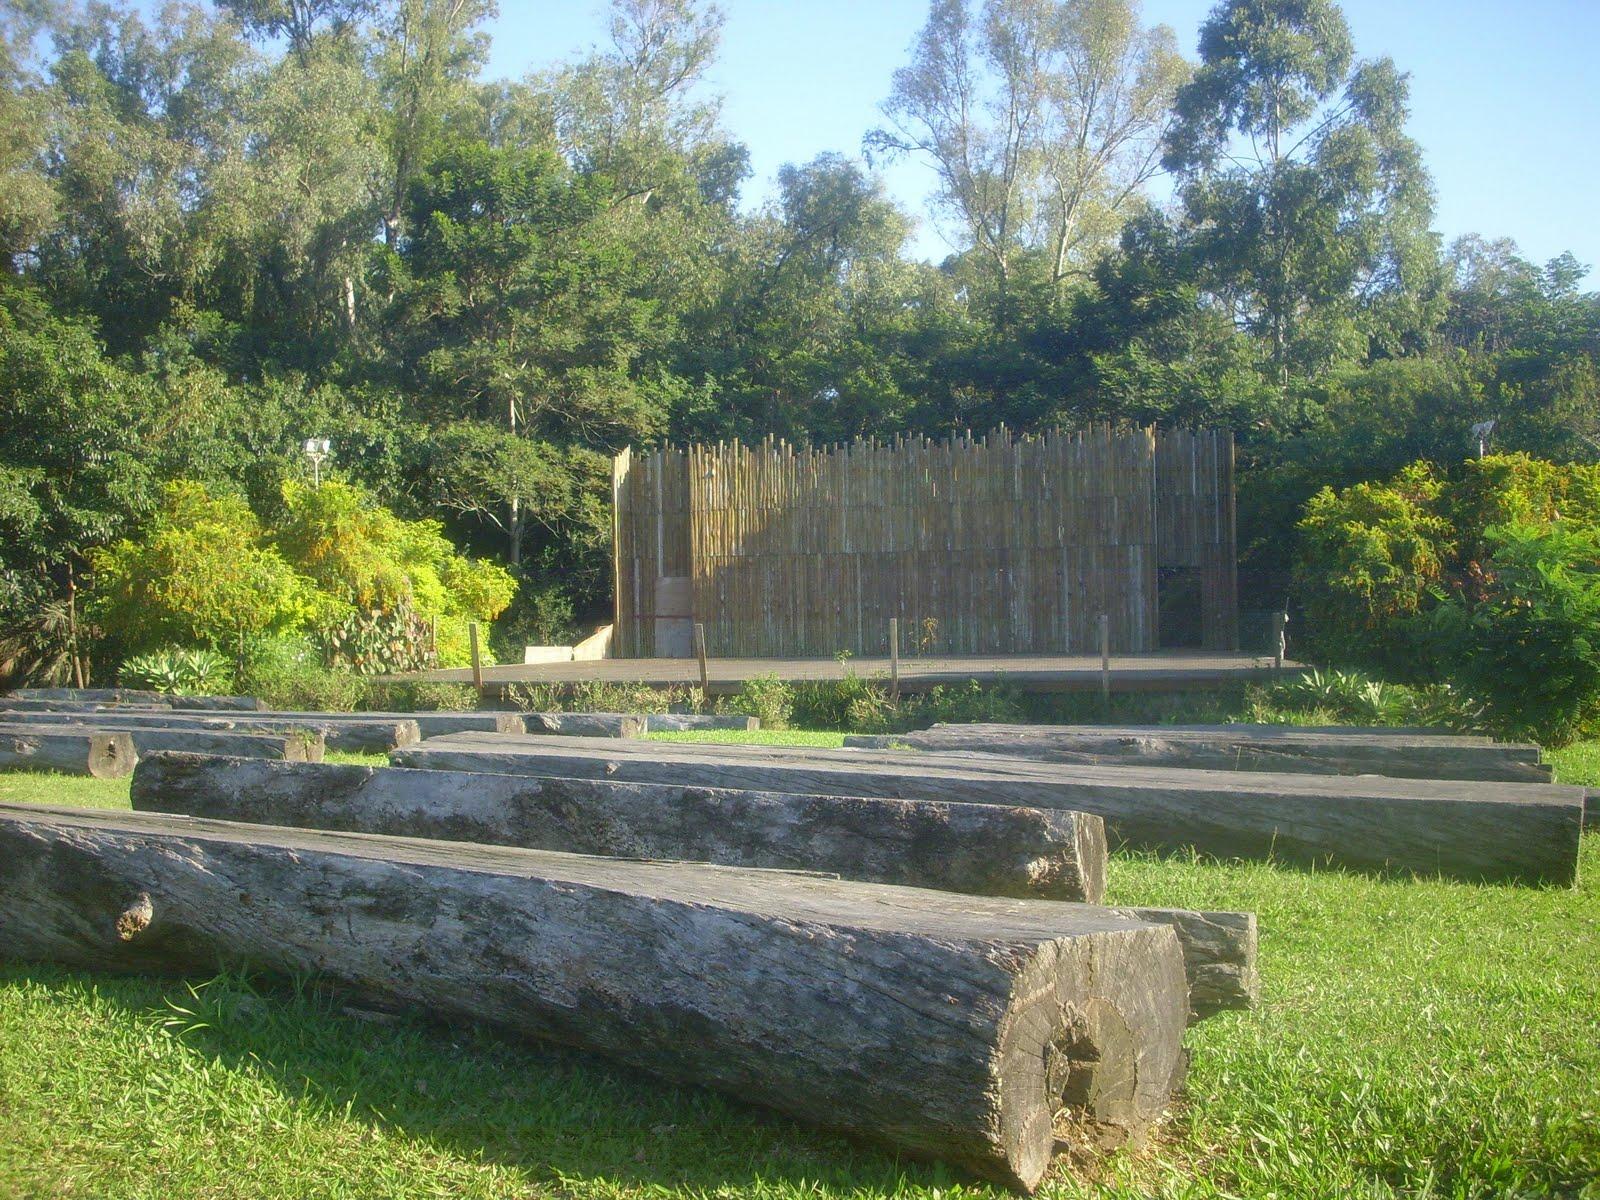 fotos jardim botanico porto alegre : fotos jardim botanico porto alegre:Jardim Botânico de Porto Alegre ~ Leste de Porto Alegre